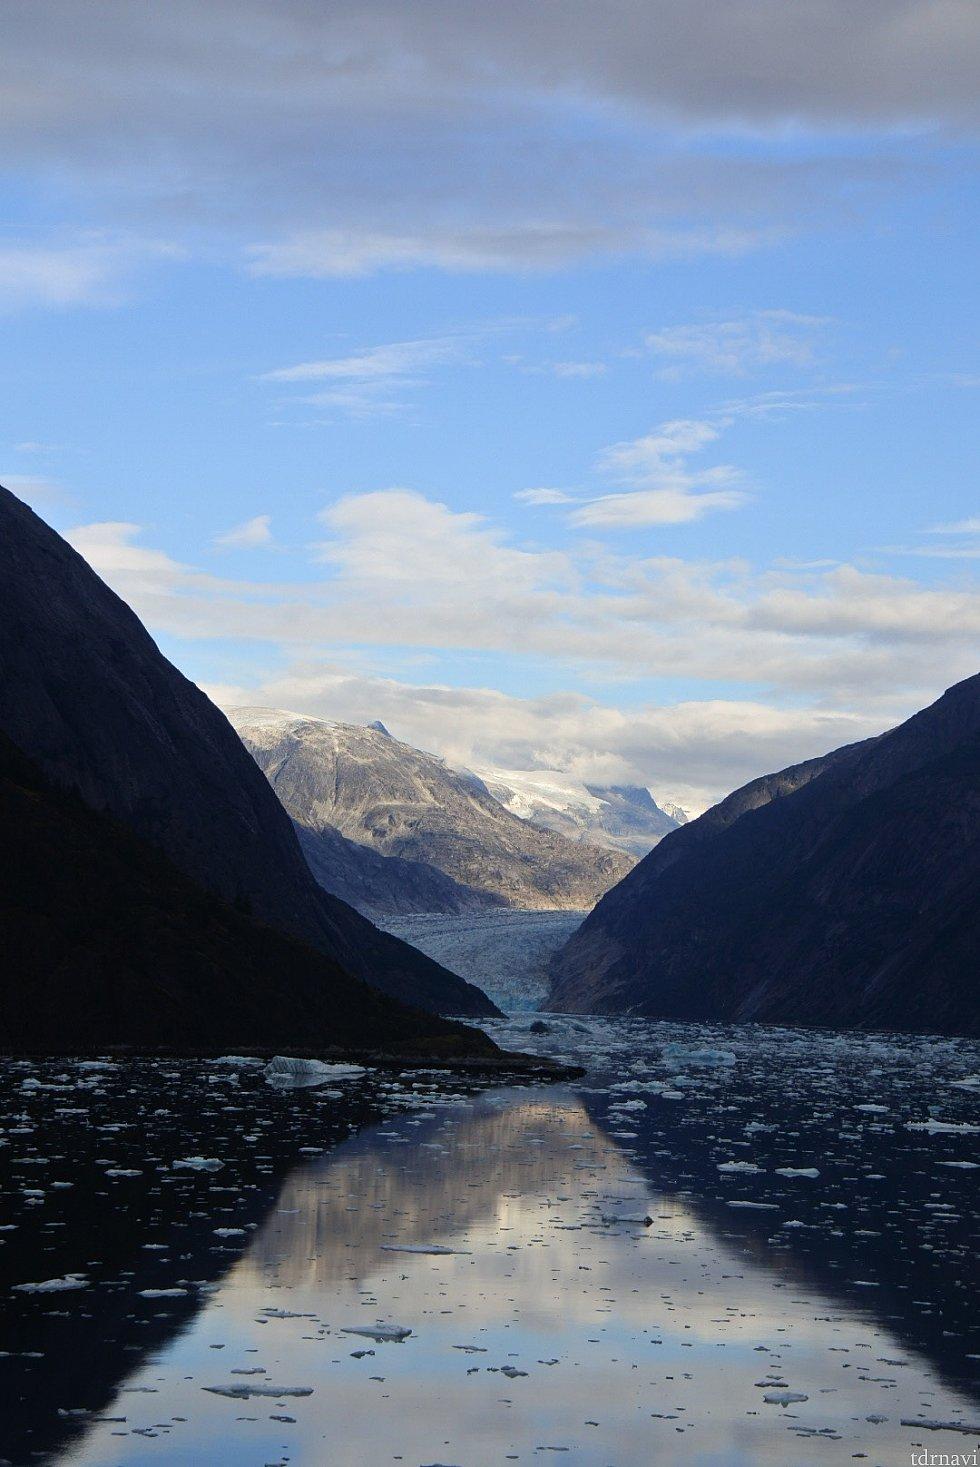 船の先頭からの眺め 氷河の塊の近くまではいけません。